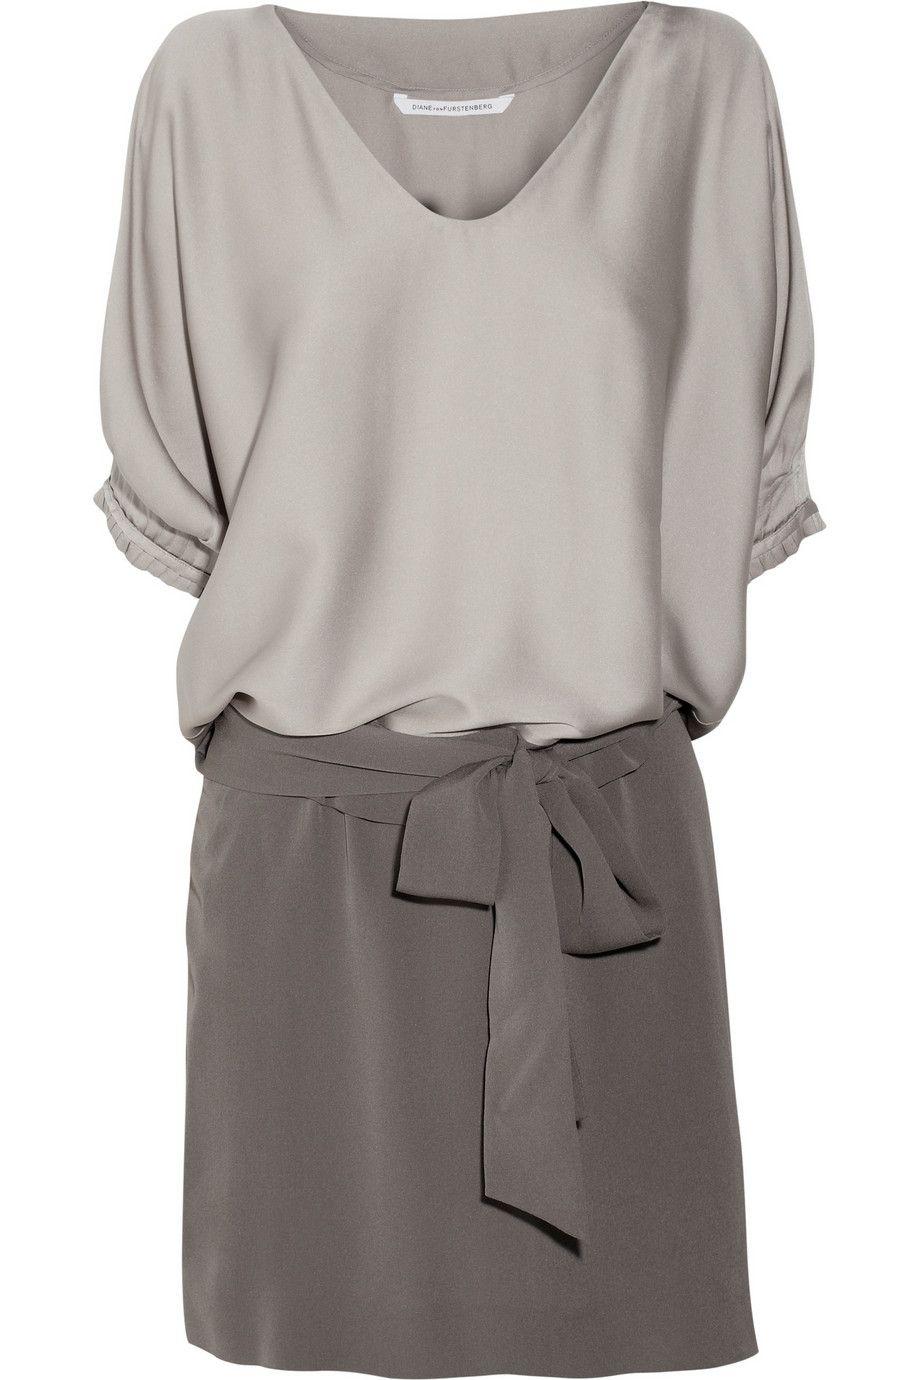 Diane von FurstenbergEdna stretch-silk satin and silk-crepe dress